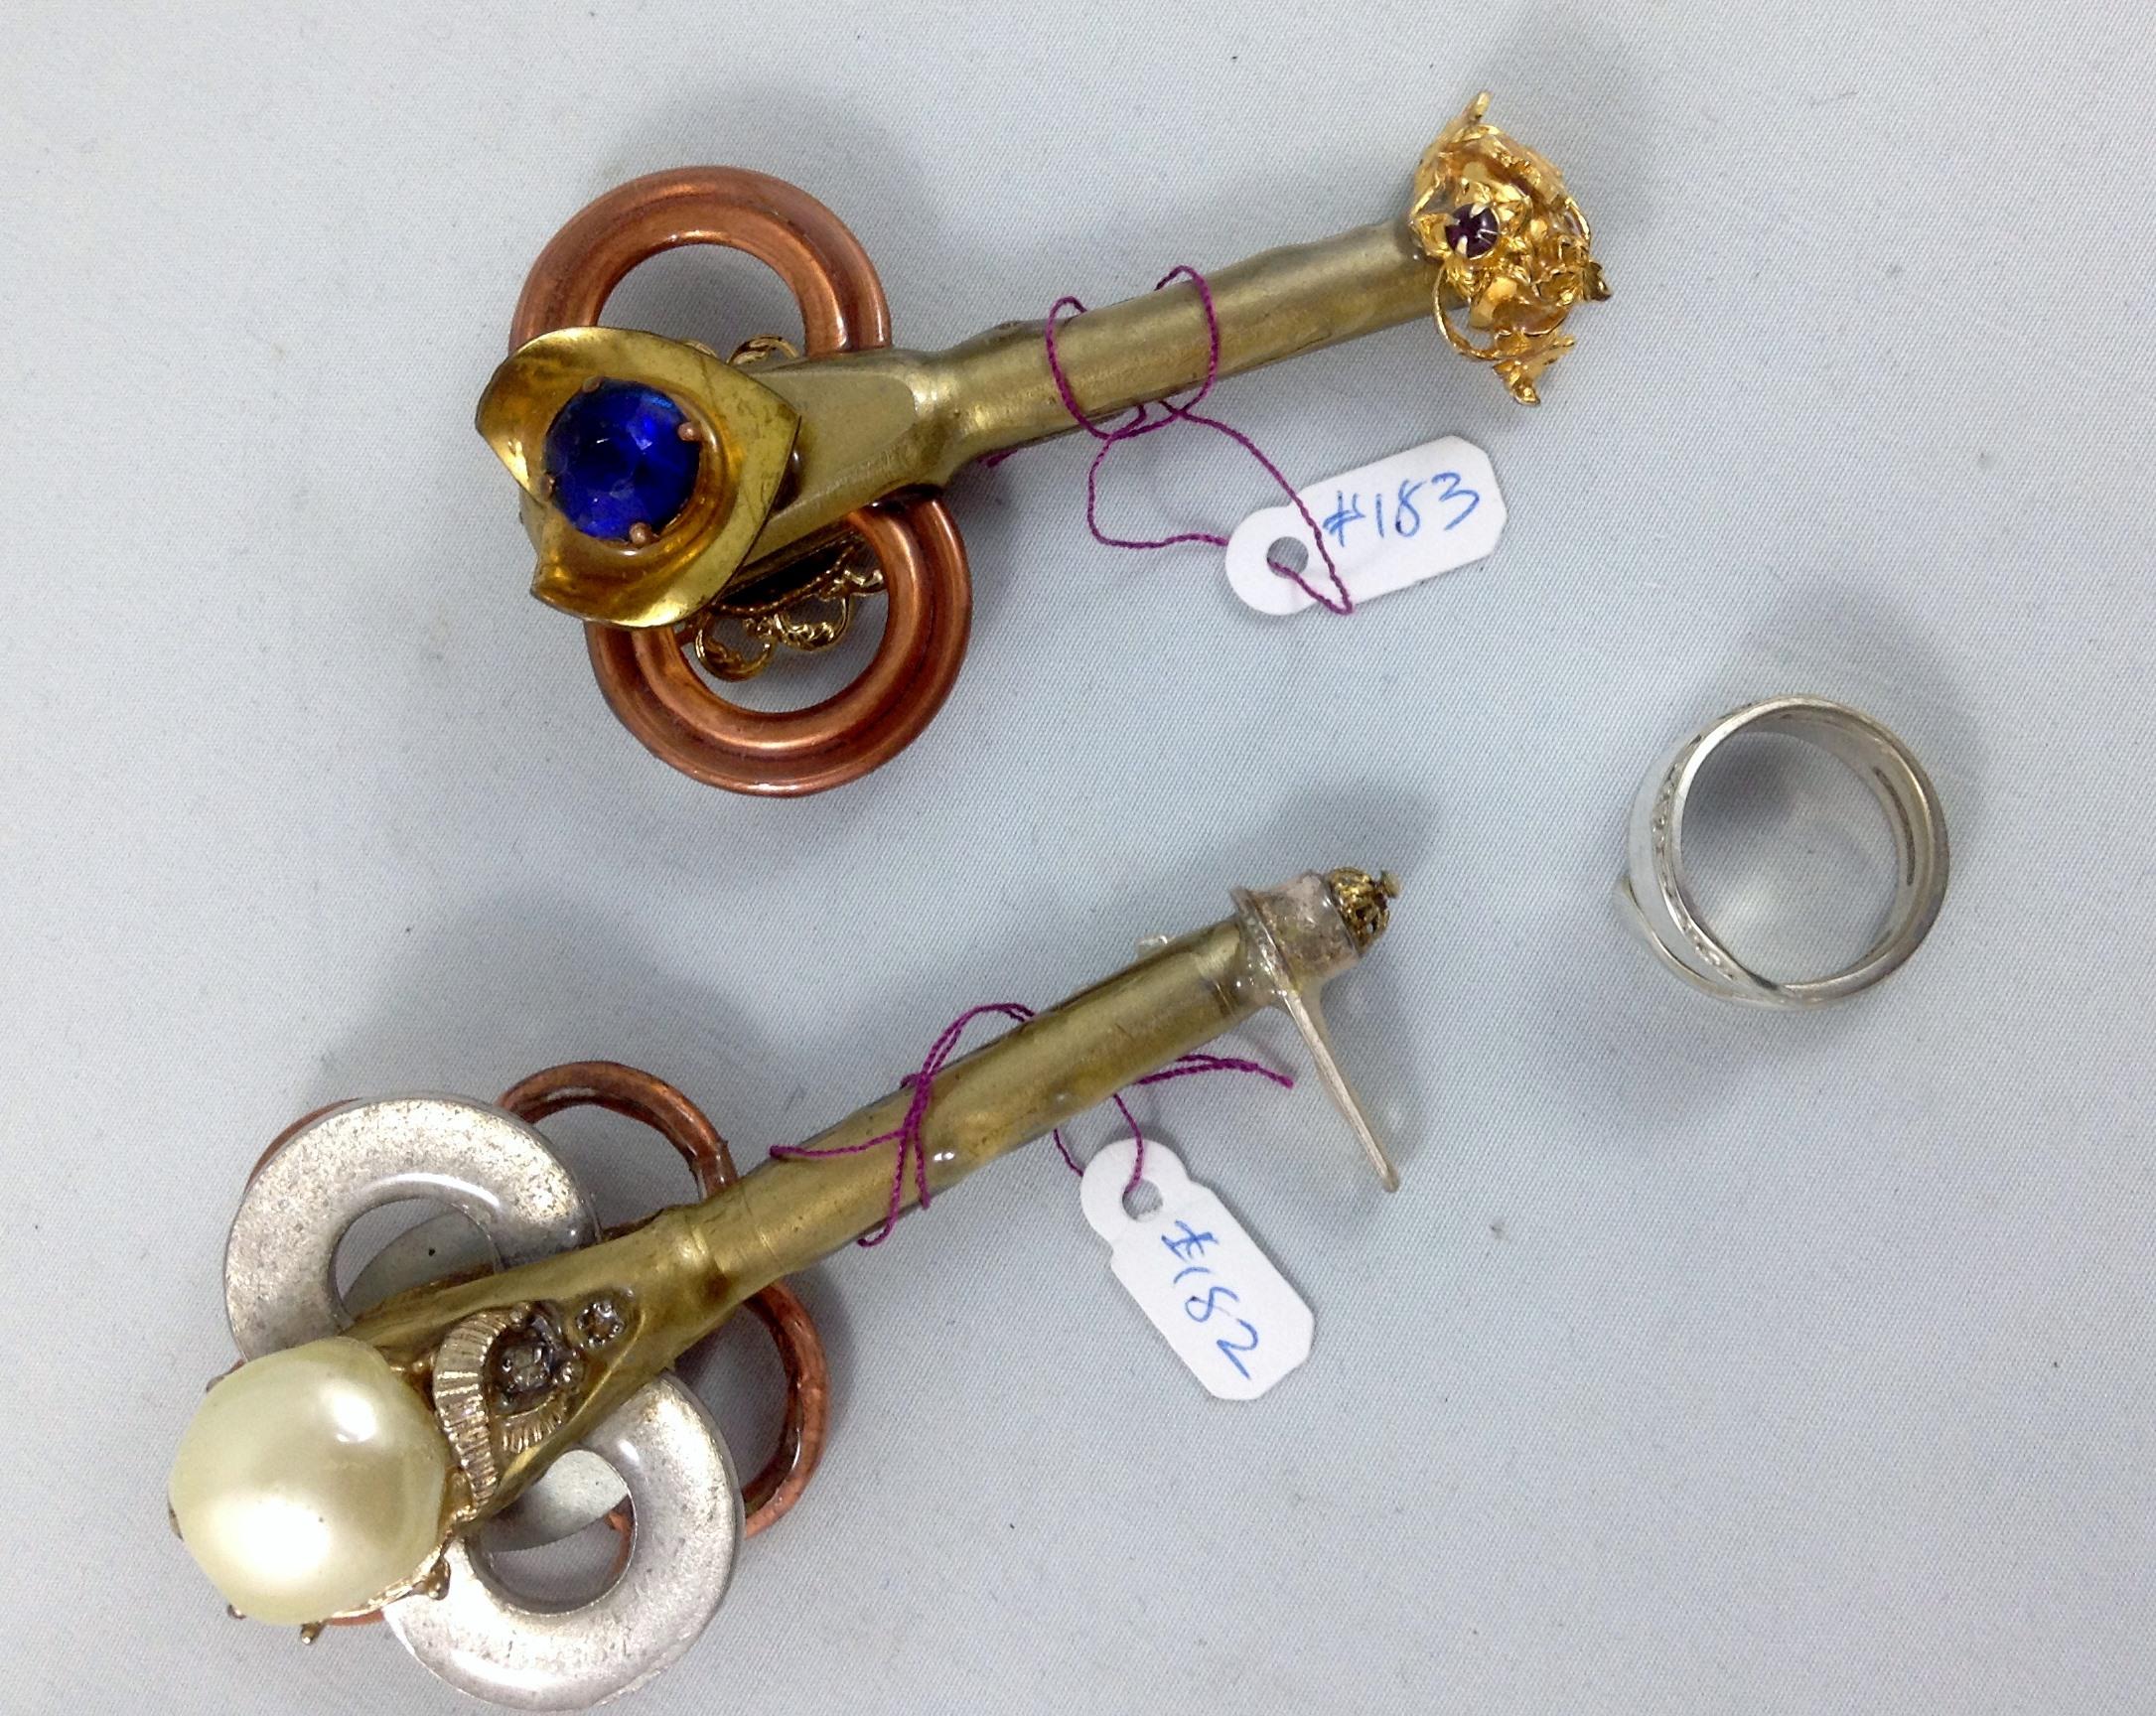 one side key 182, 183